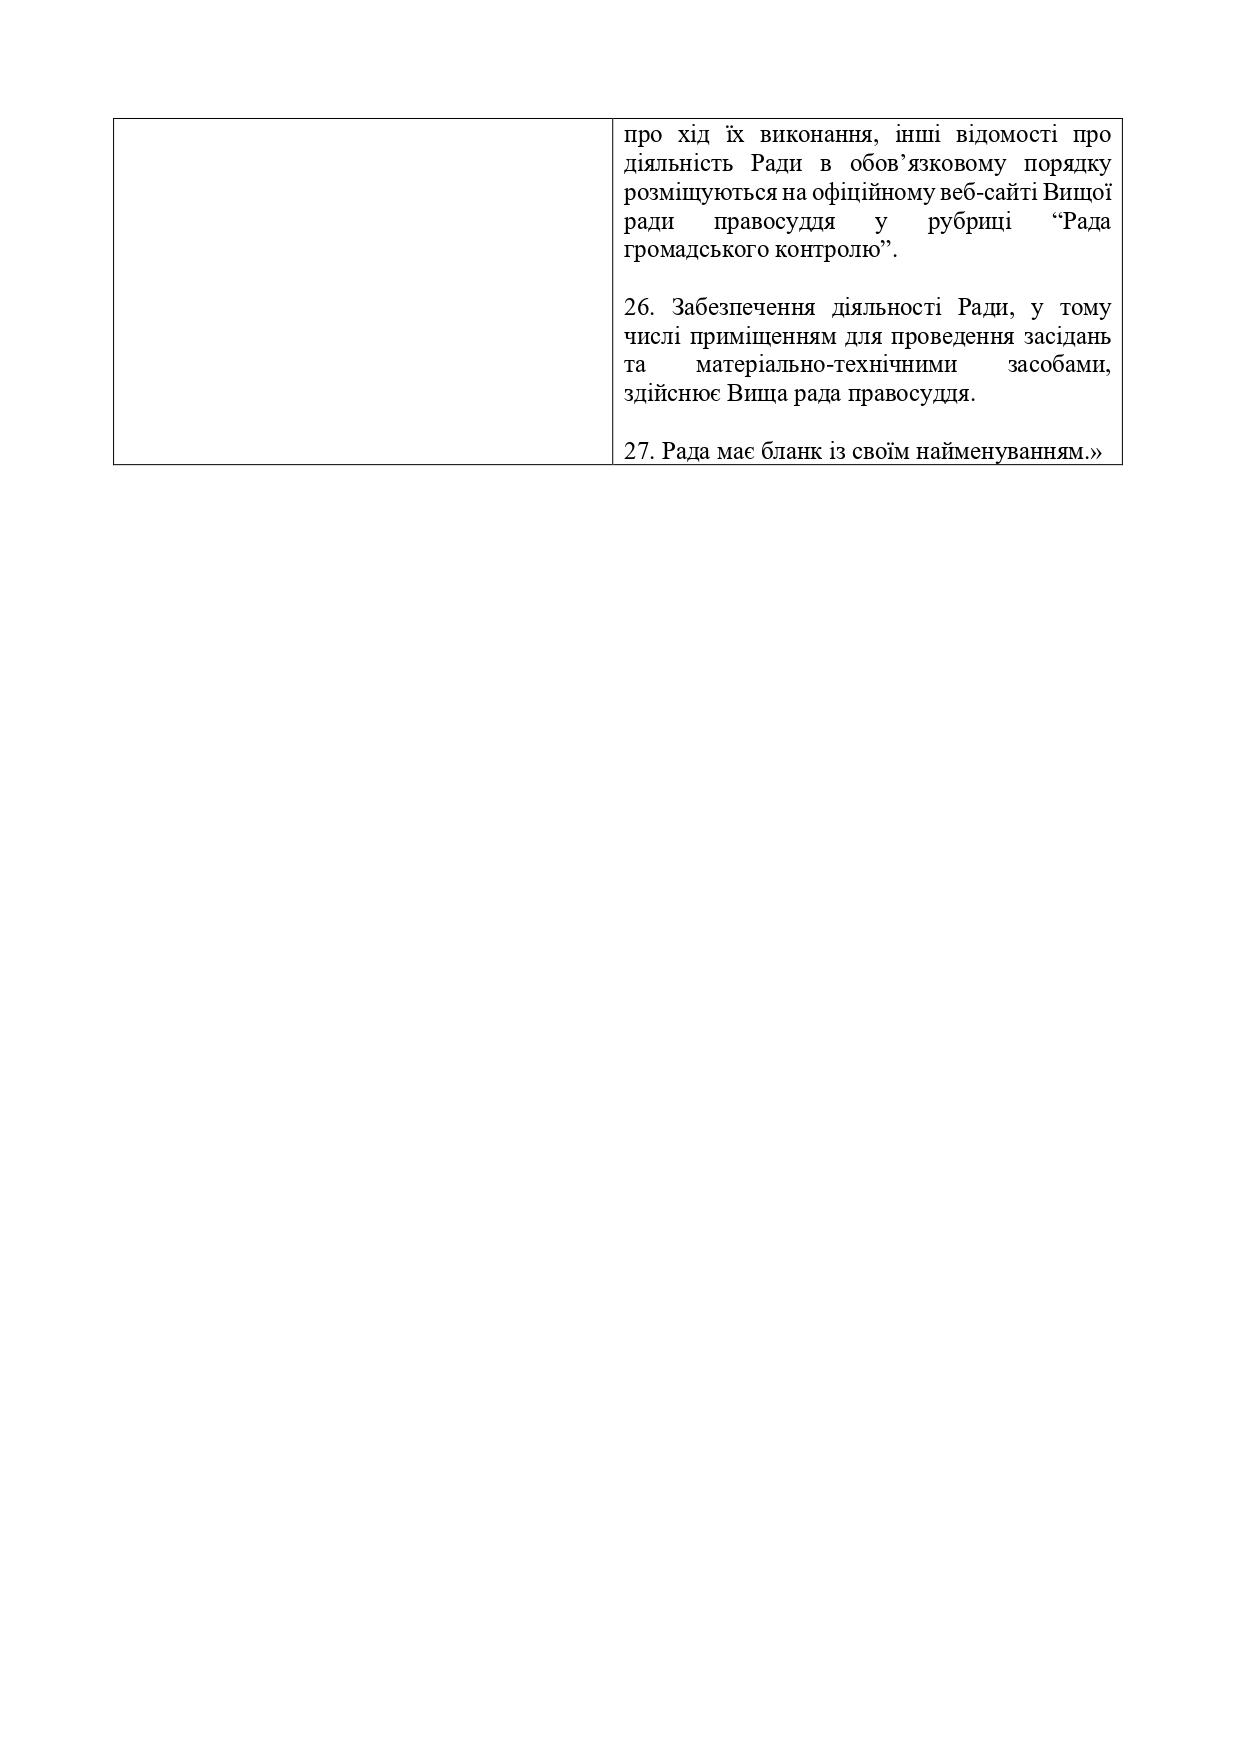 Висновок-АРССУ-щодо-№ 3534-21.07.2020_page-0028